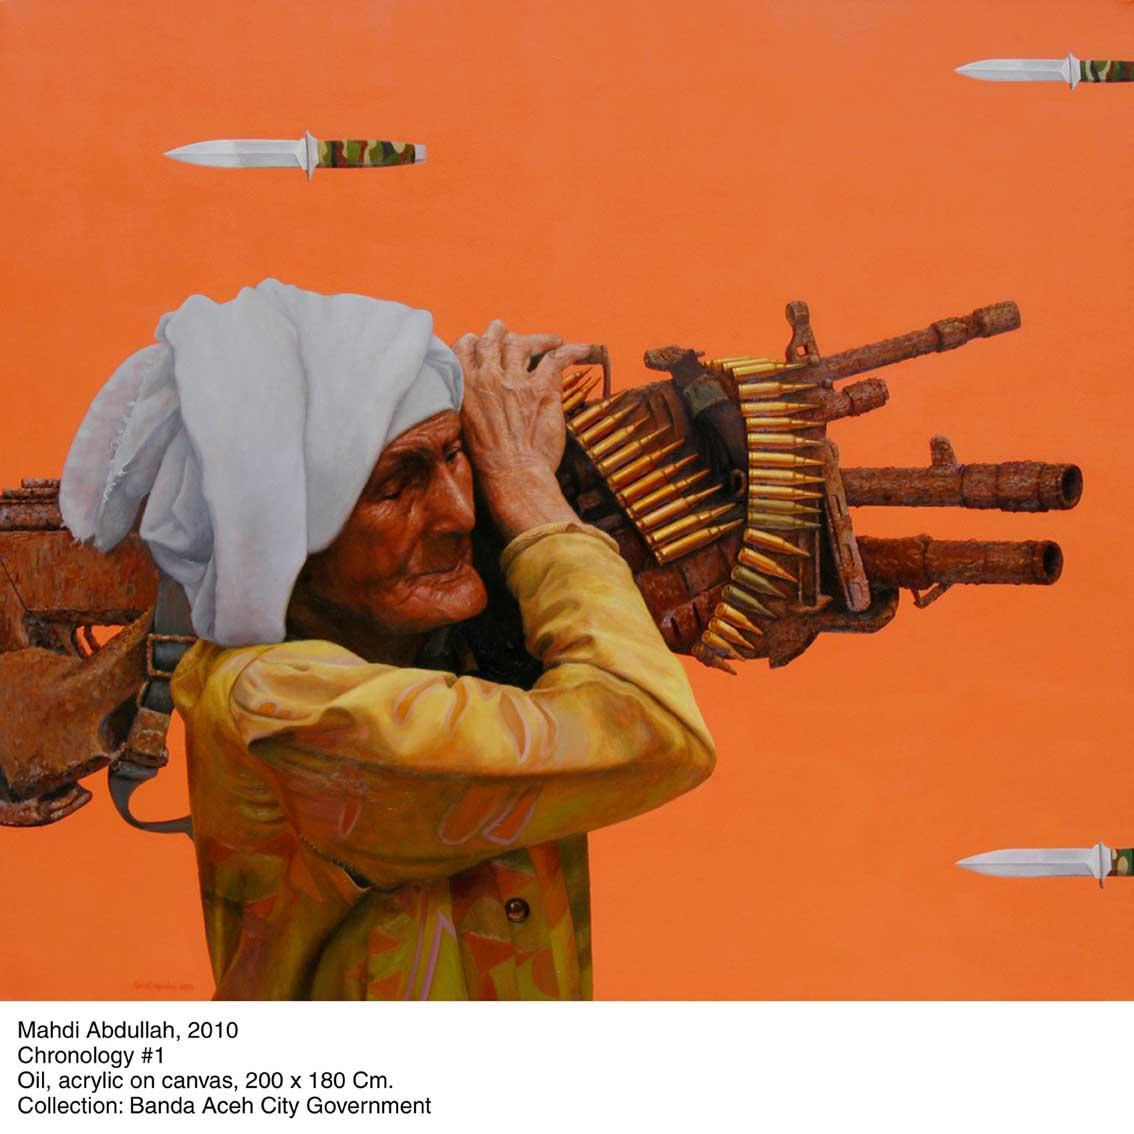 Chronology-1-_Kirim- Mahdi Abdullah